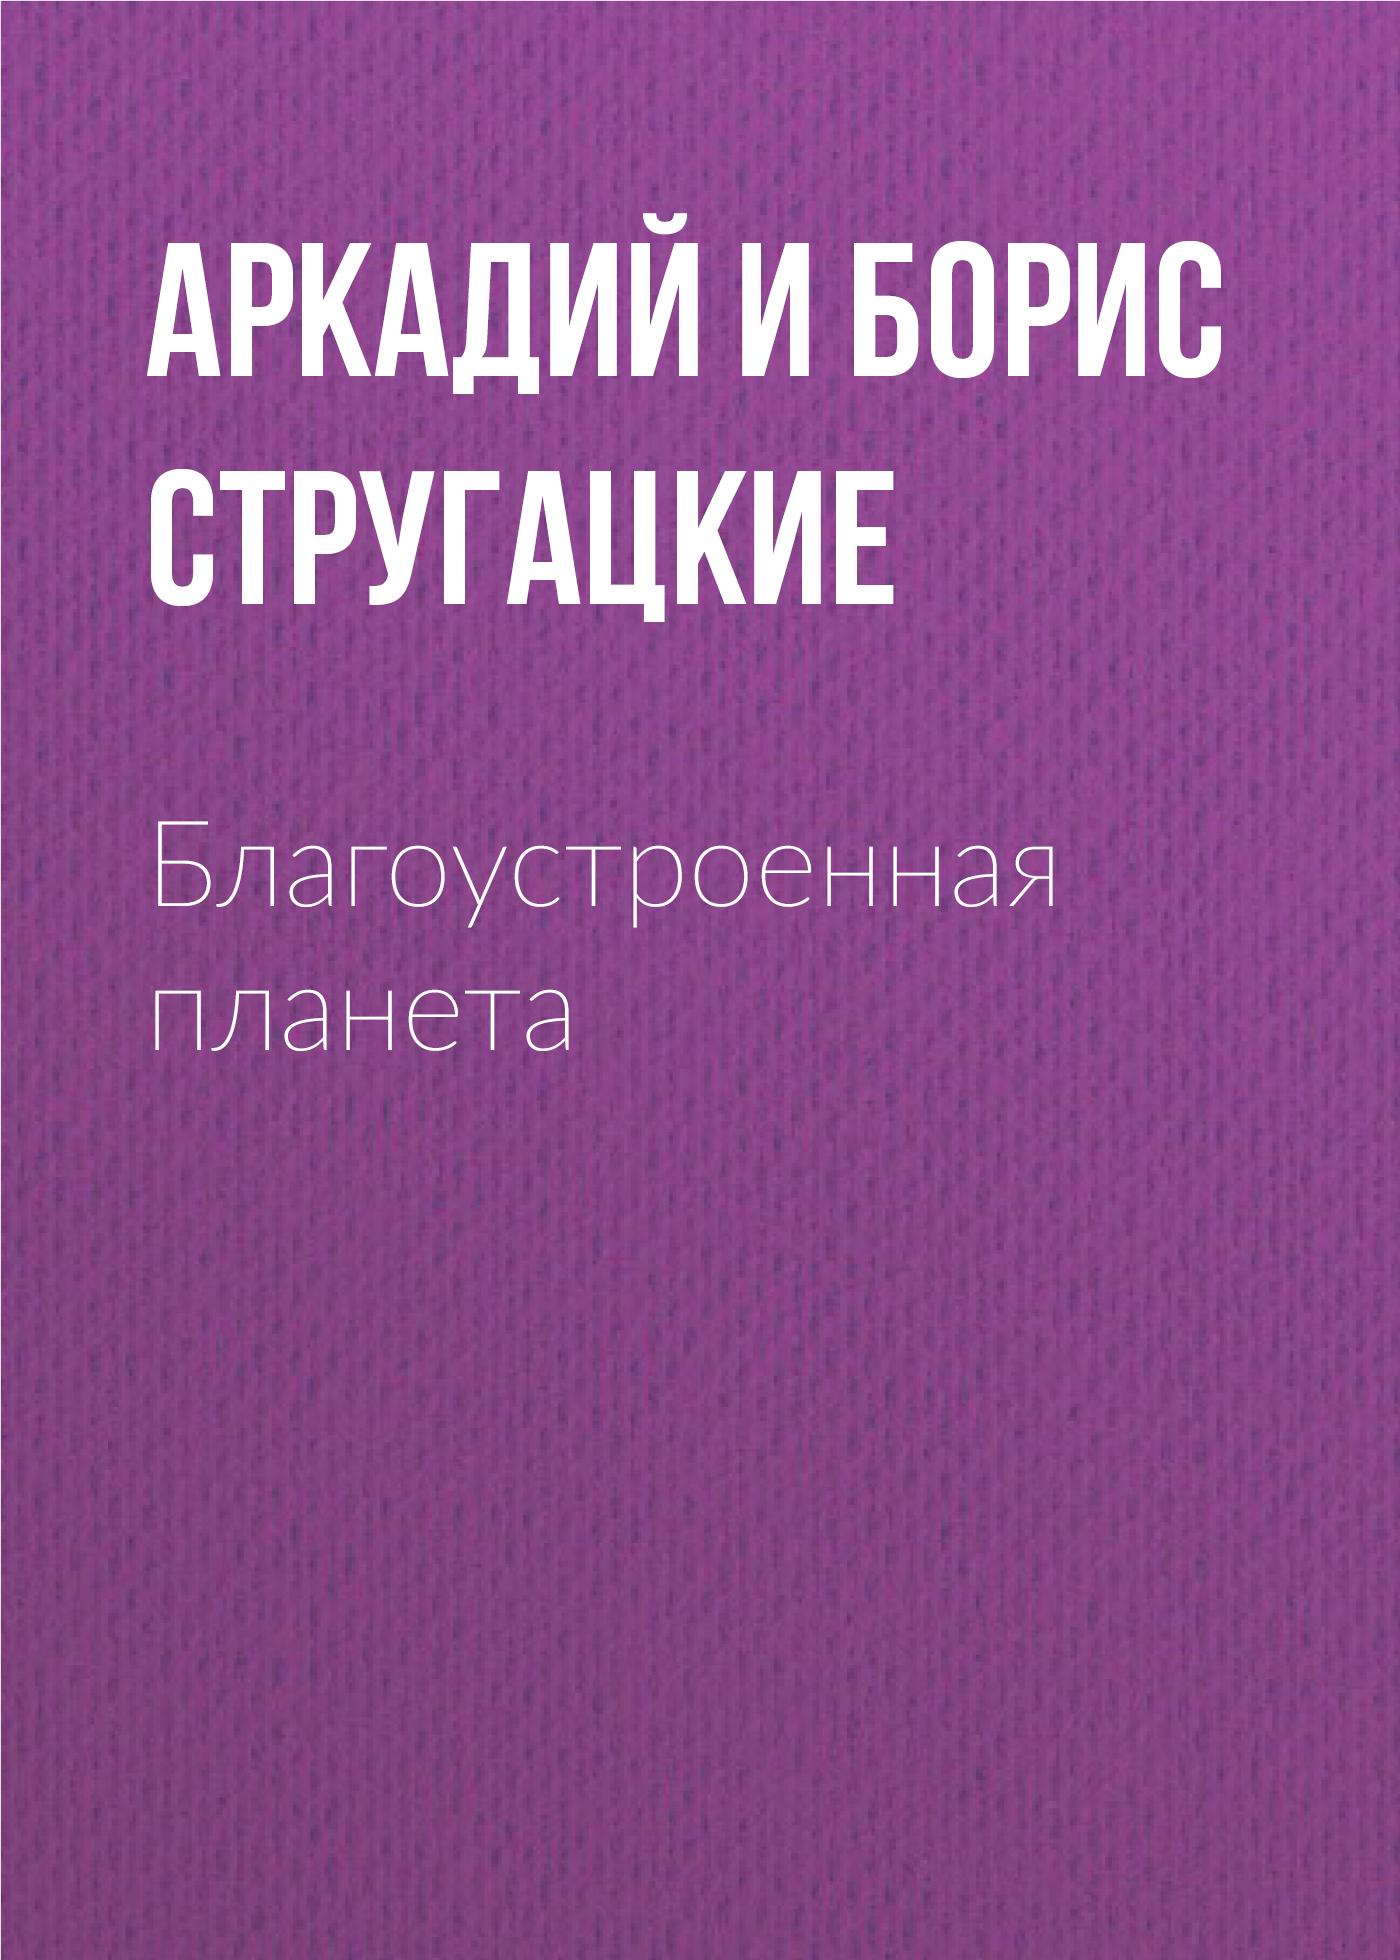 цена Аркадий и Борис Стругацкие Благоустроенная планета